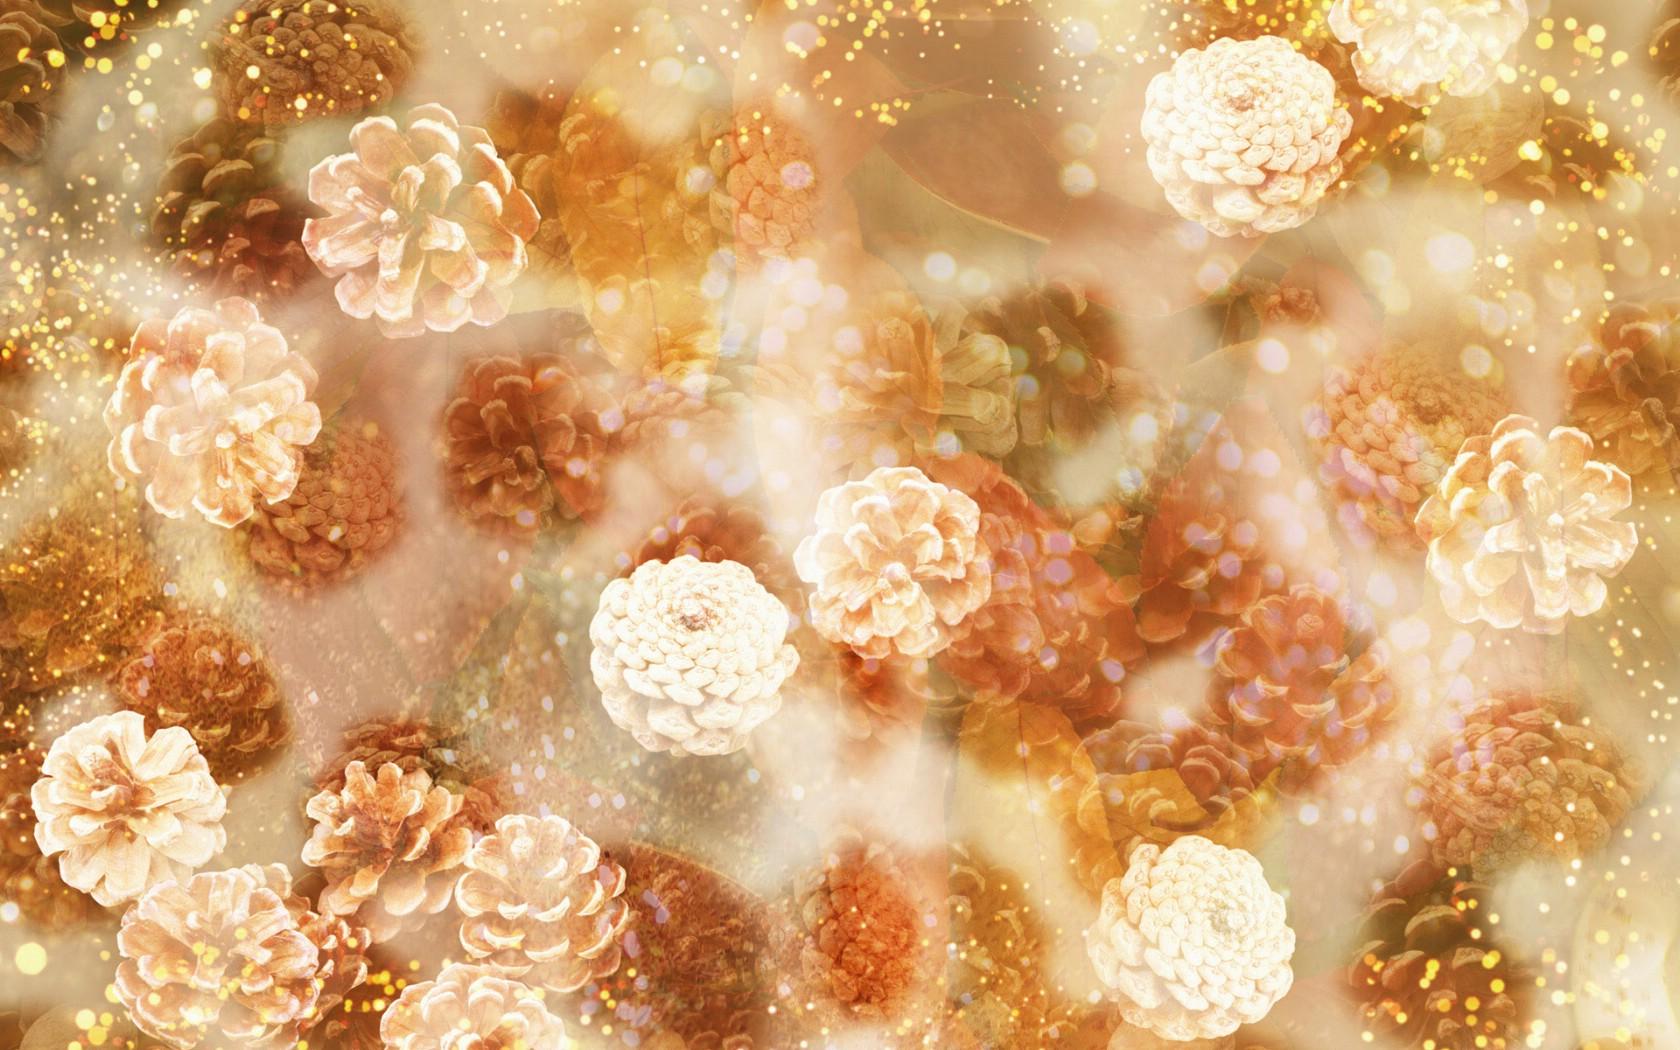 壁纸1680×1050朦胧花朵柔美 宽屏壁纸 壁纸8壁纸 朦胧花朵柔美 宽屏壁壁纸图片系统壁纸系统图片素材桌面壁纸